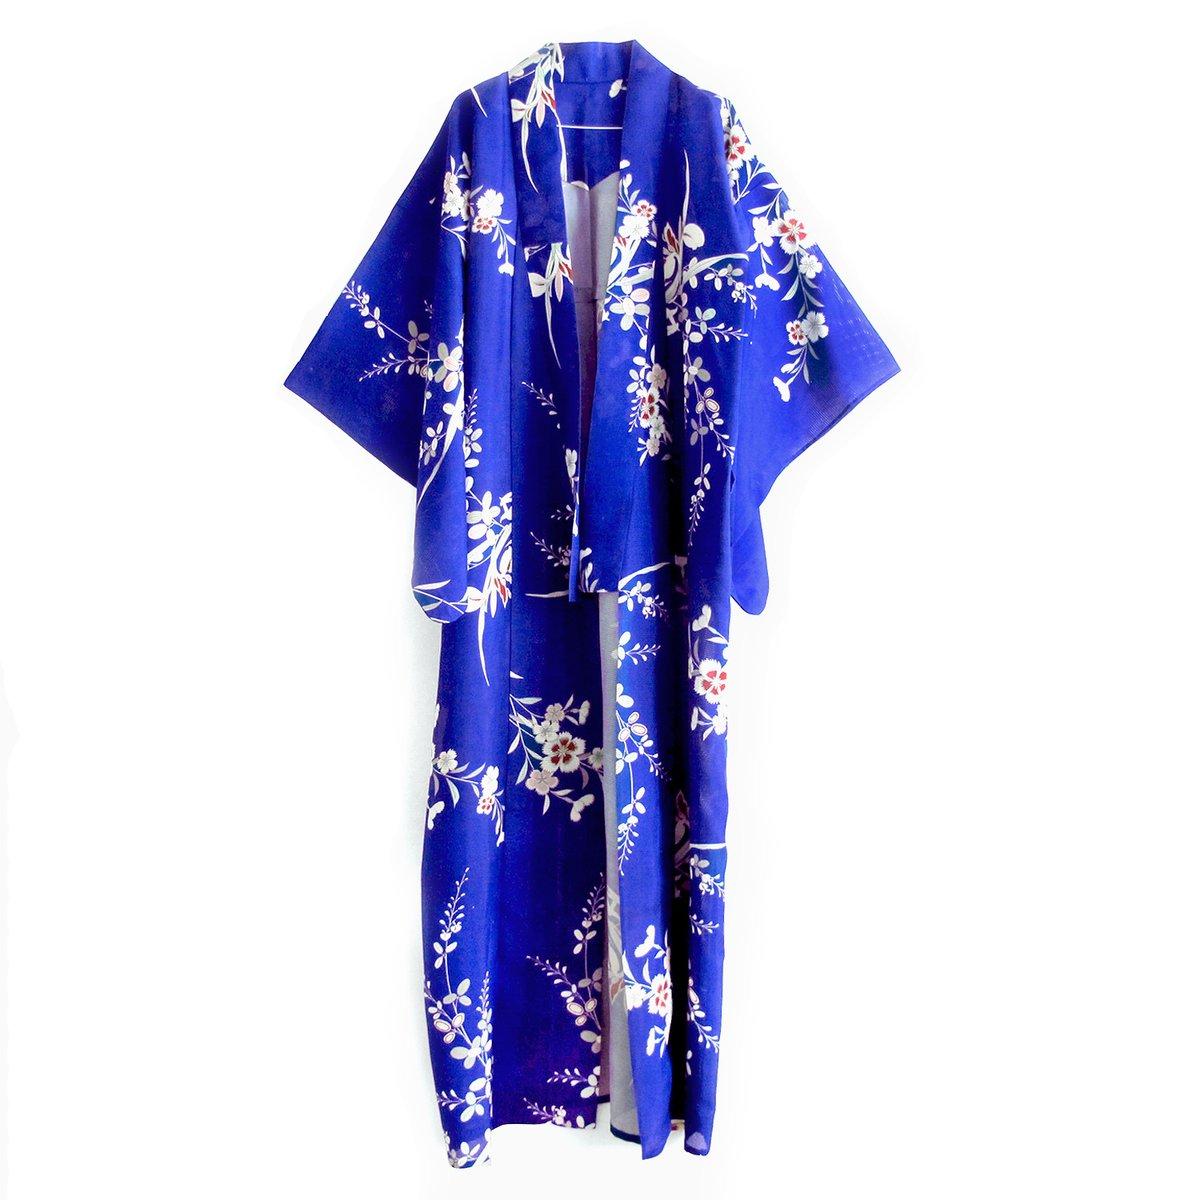 Image of Ultramarine blå silkekimono med asters blomster